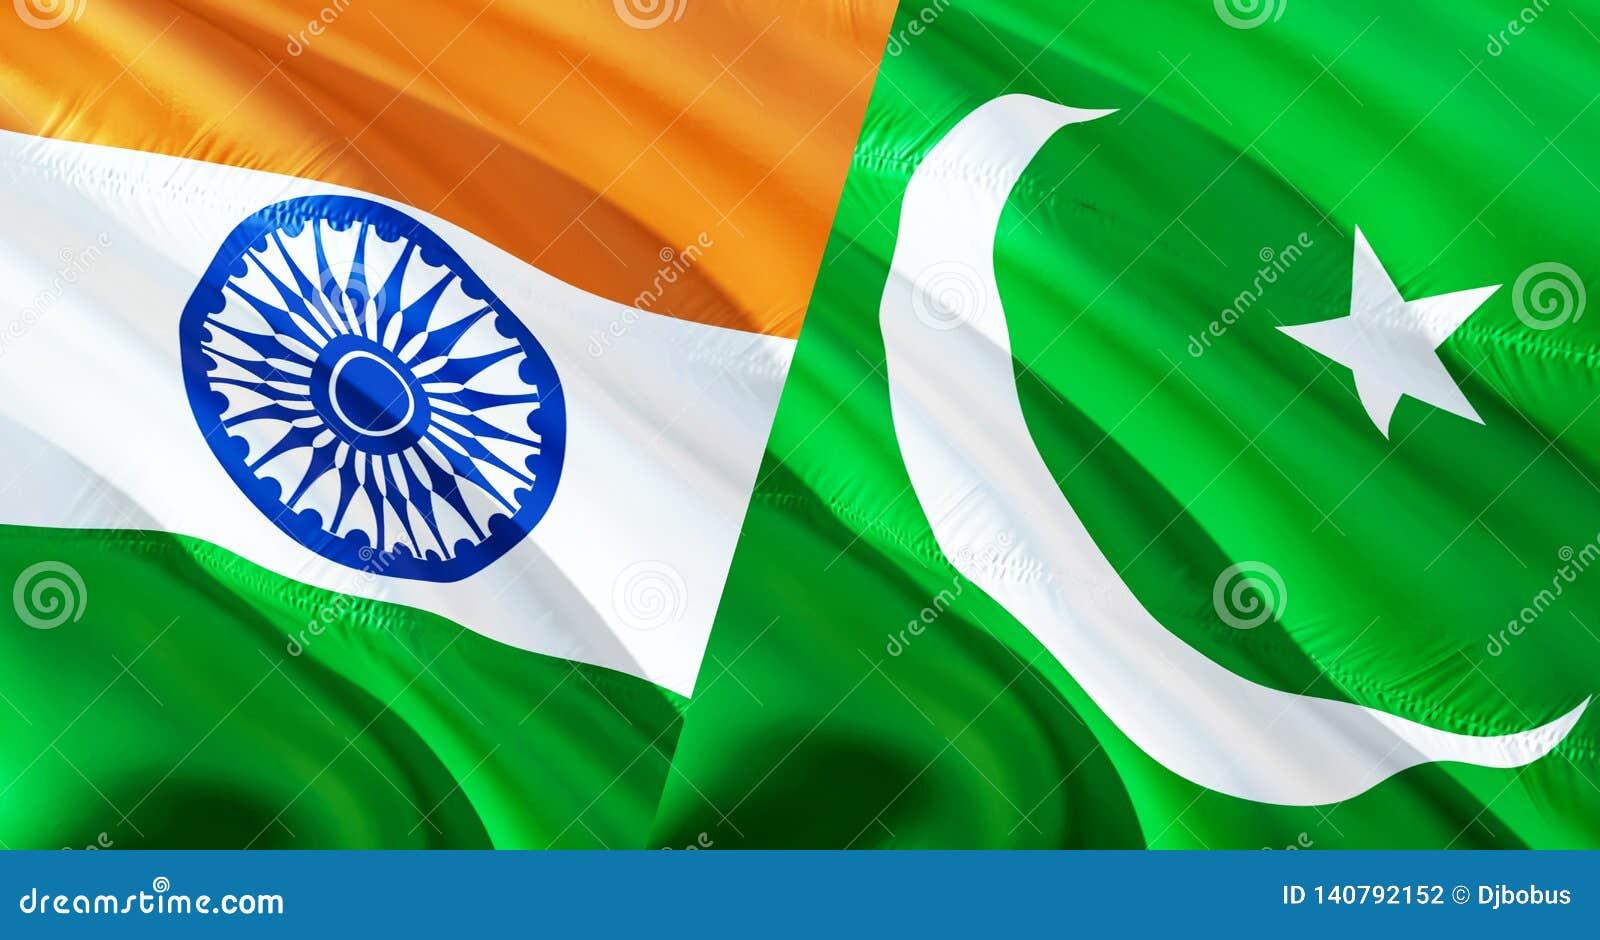 巴基斯坦和印度旗子 挥动的旗子设计,3D翻译 巴基斯坦印度旗子图片,墙纸图象 克什米尔印度人因藤